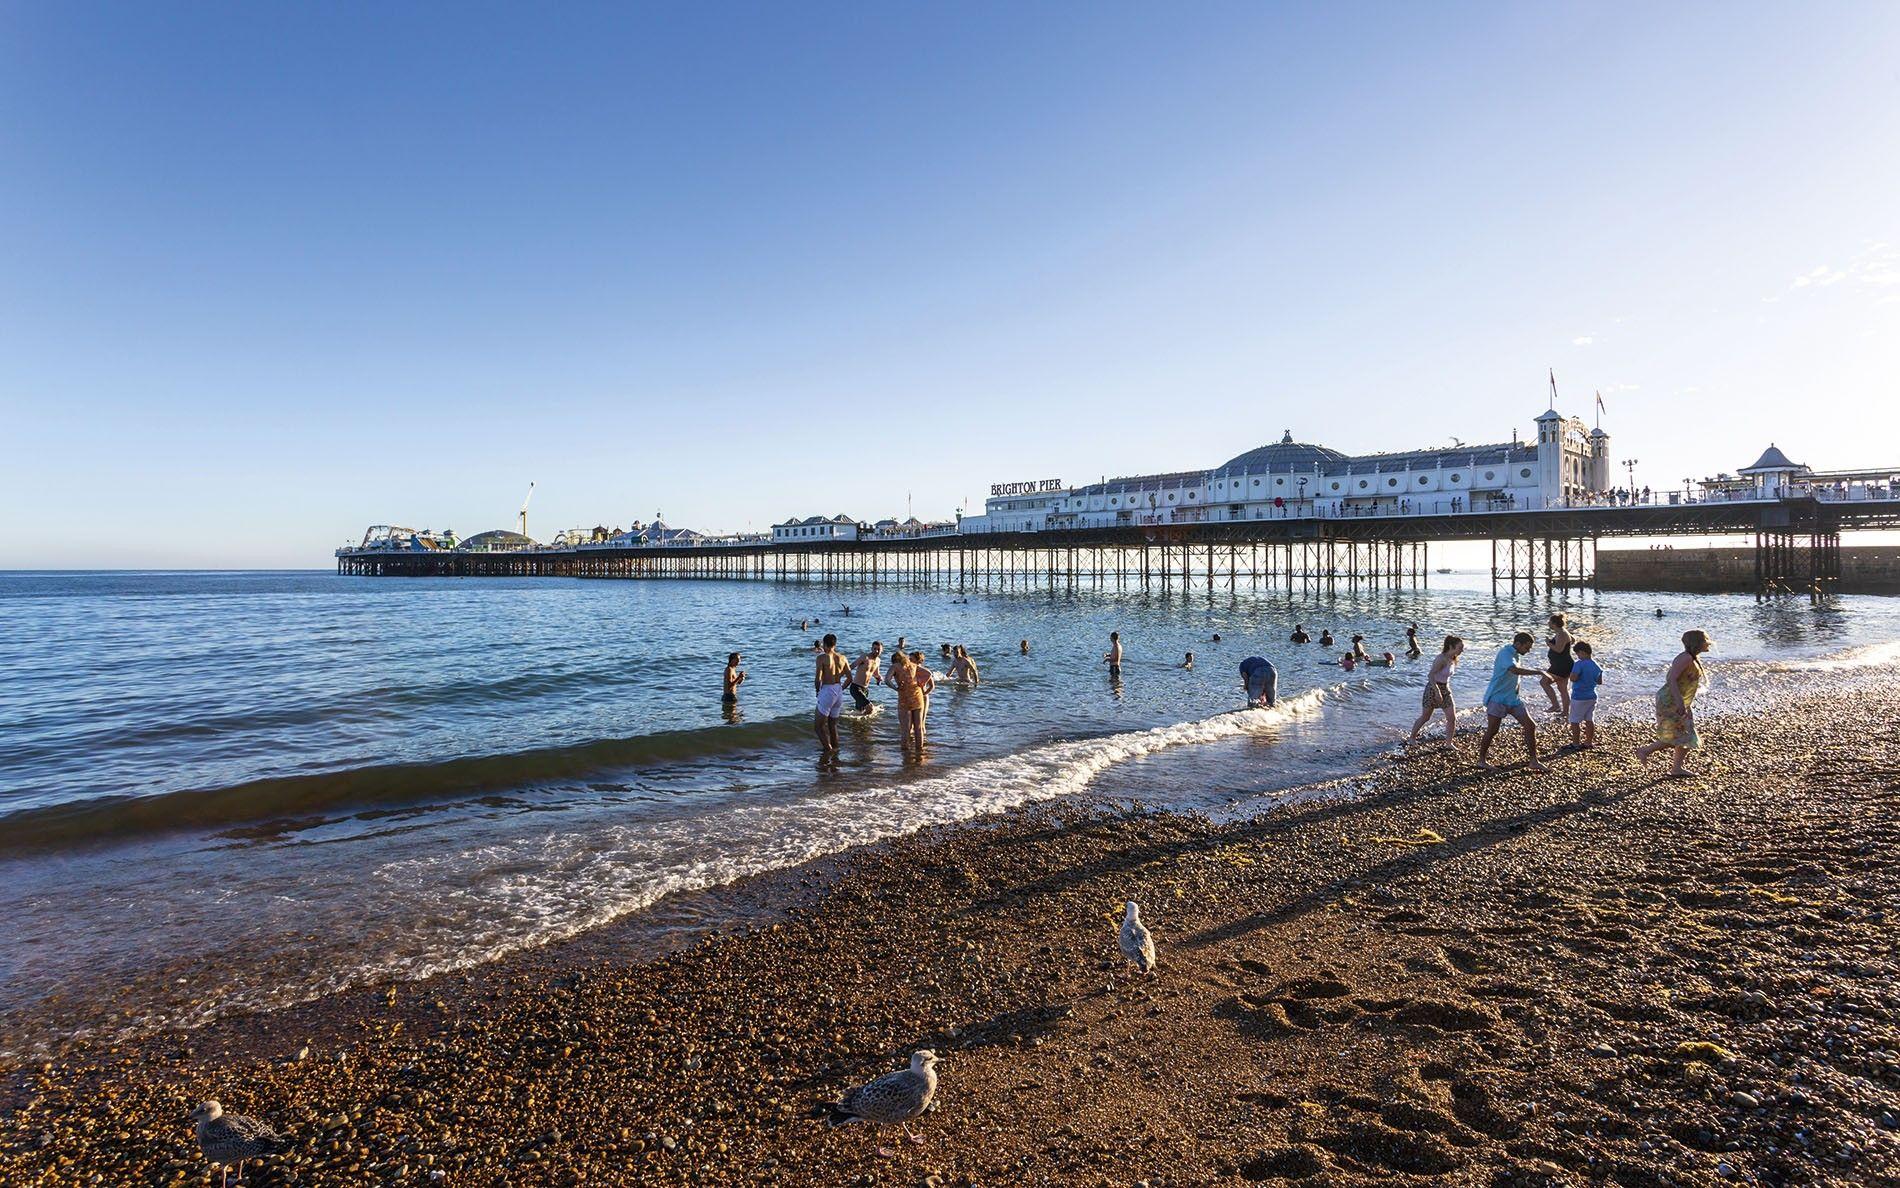 Brighton Palace Pier and beach.